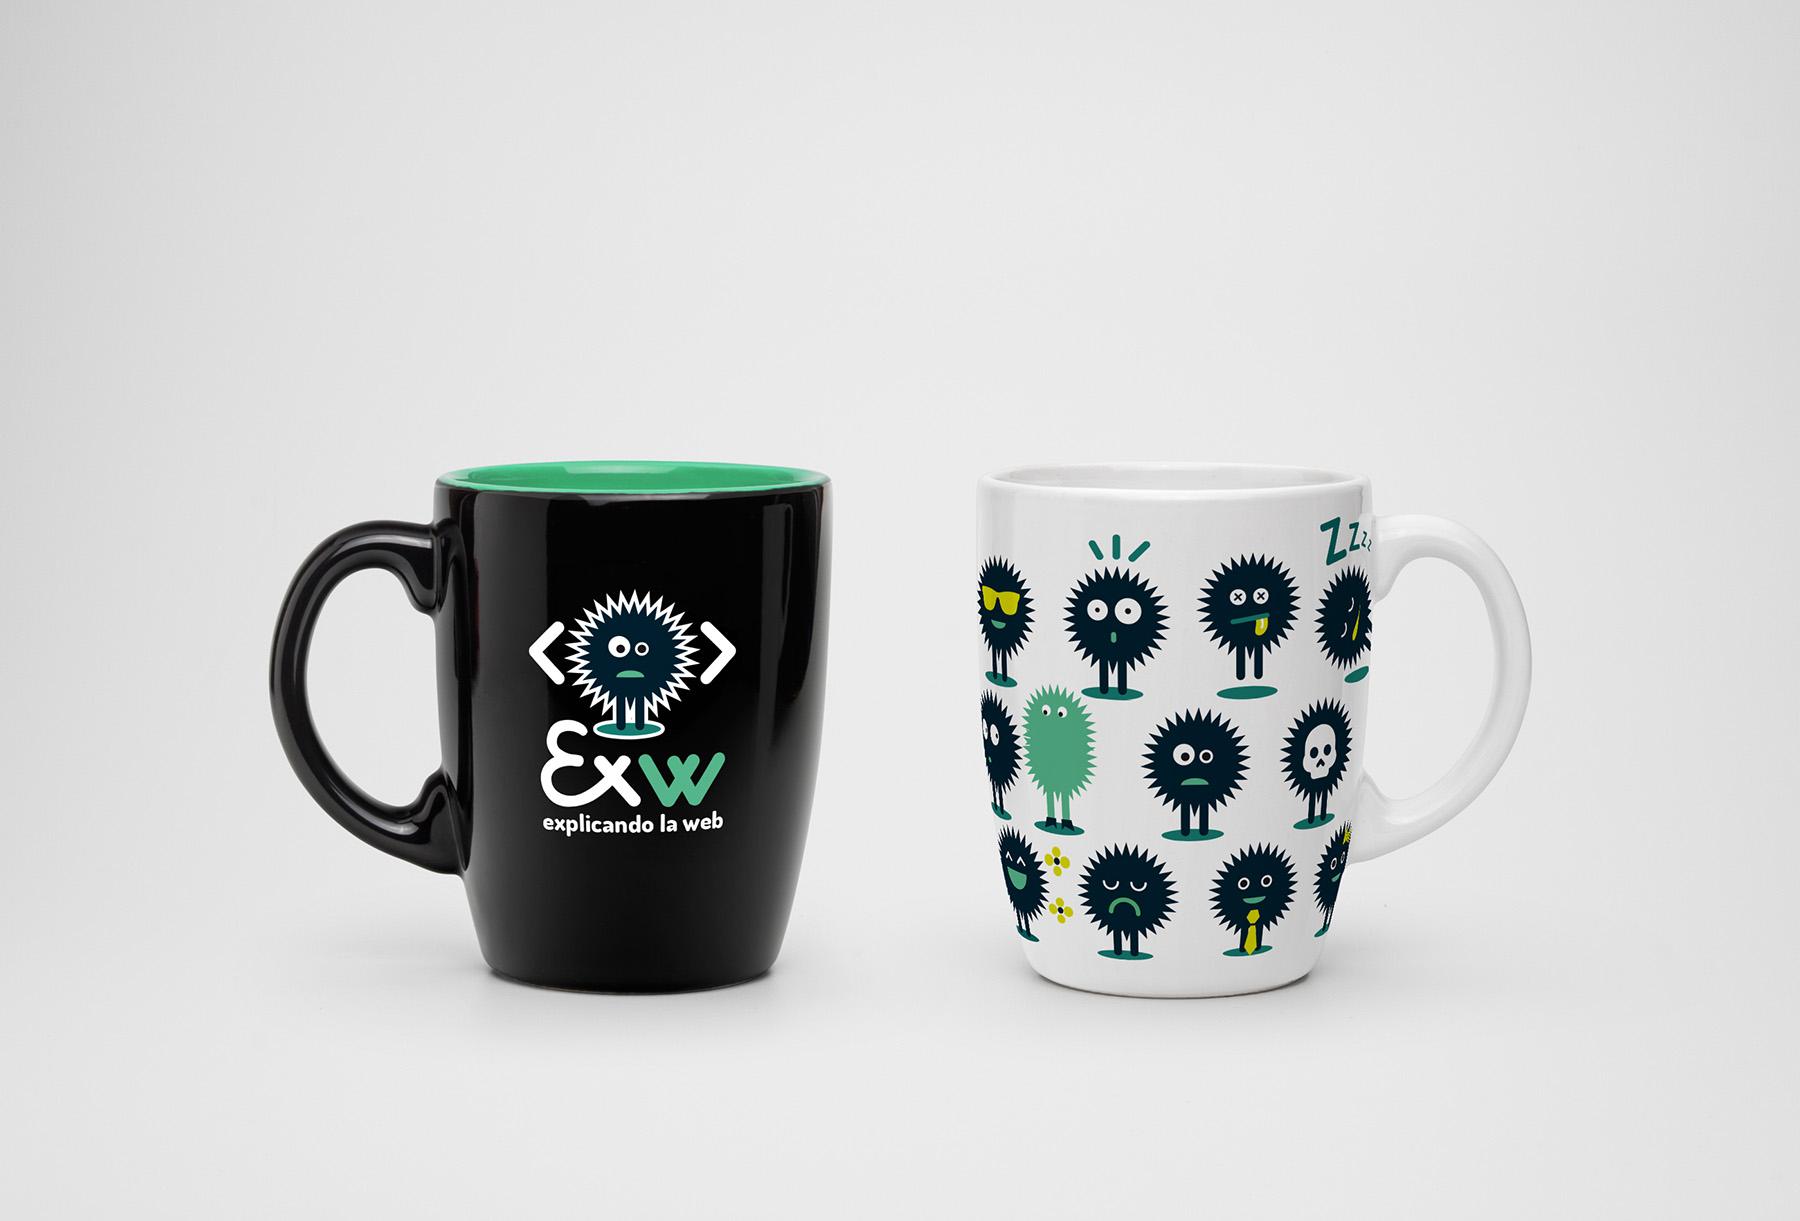 Exw_02